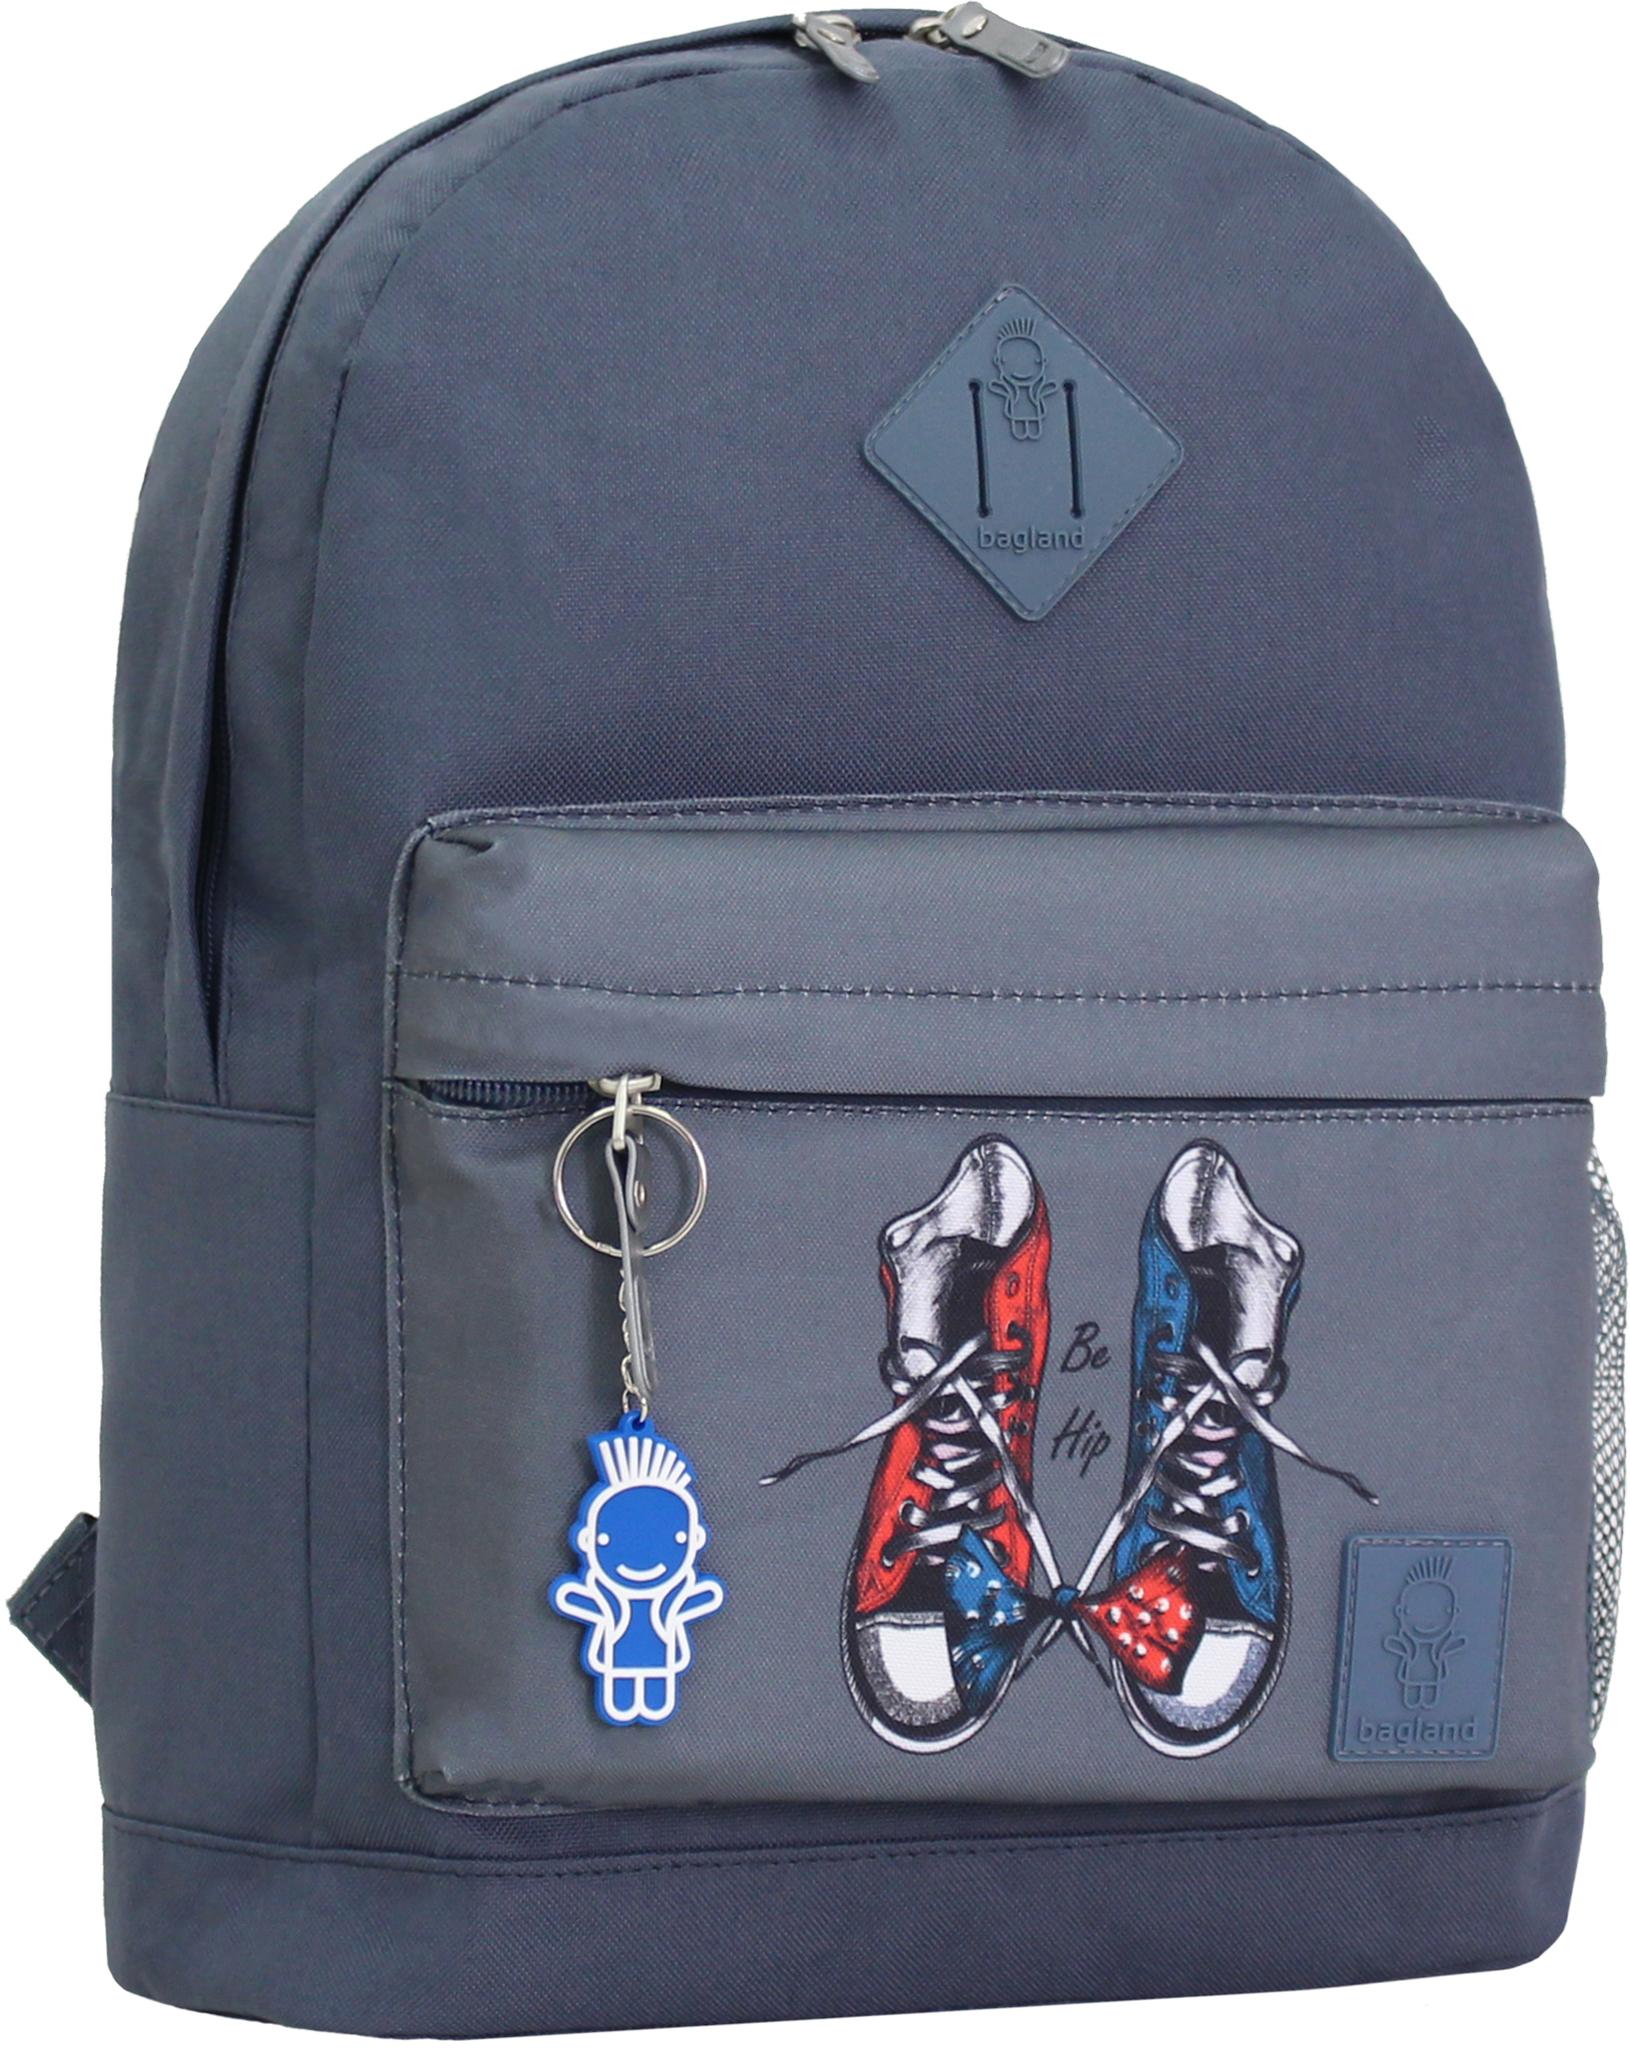 Городские рюкзаки Рюкзак Bagland Молодежный W/R 17 л. серый 254к (00533662) IMG_0866_254к.JPG